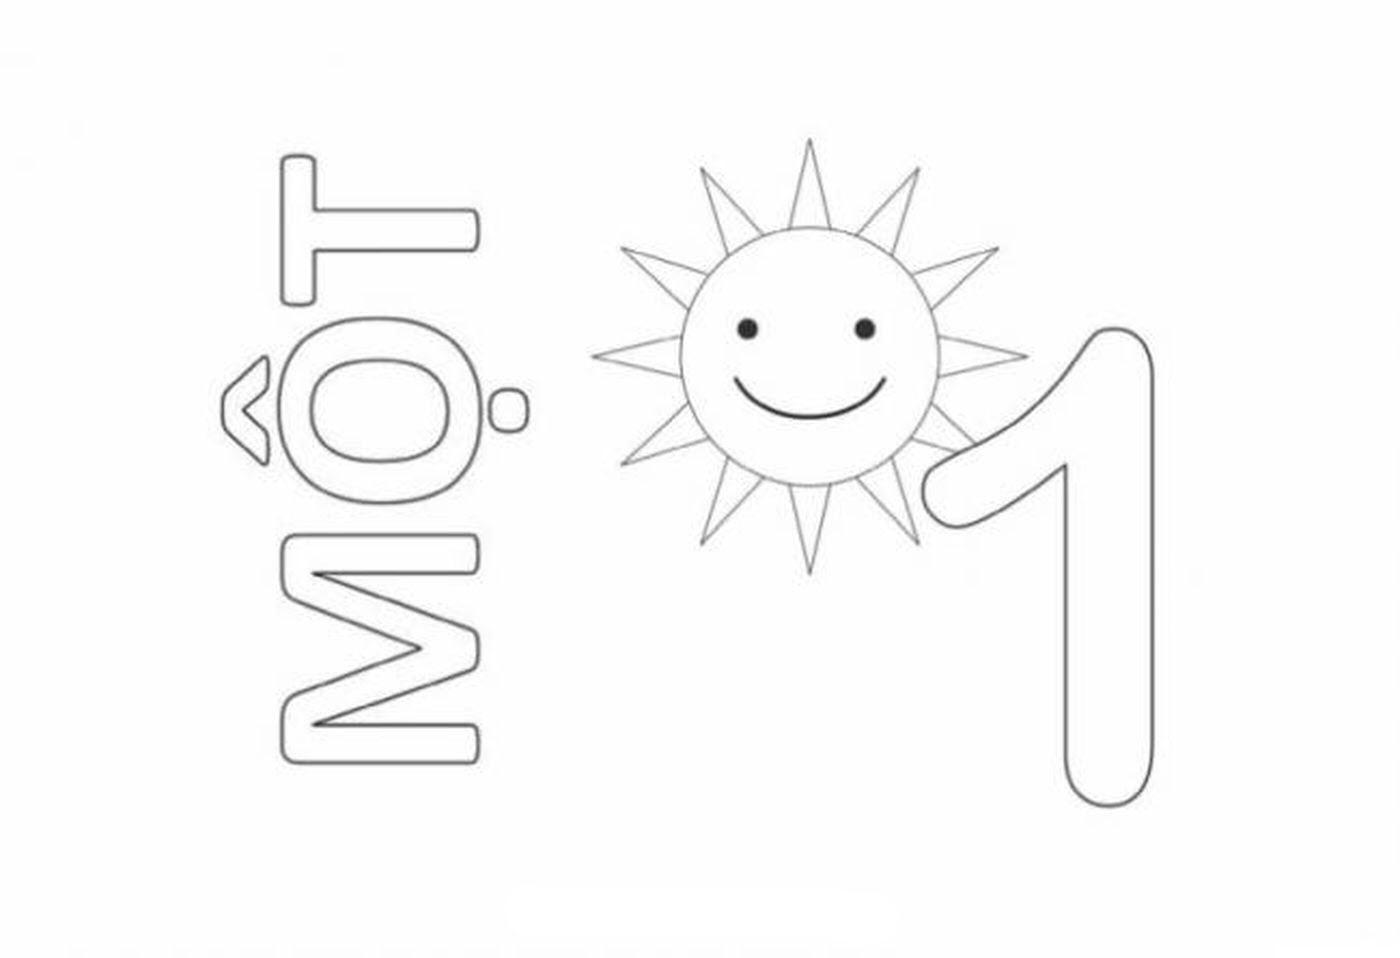 Tranh tô màu chữ số 1 - Một mặt trời